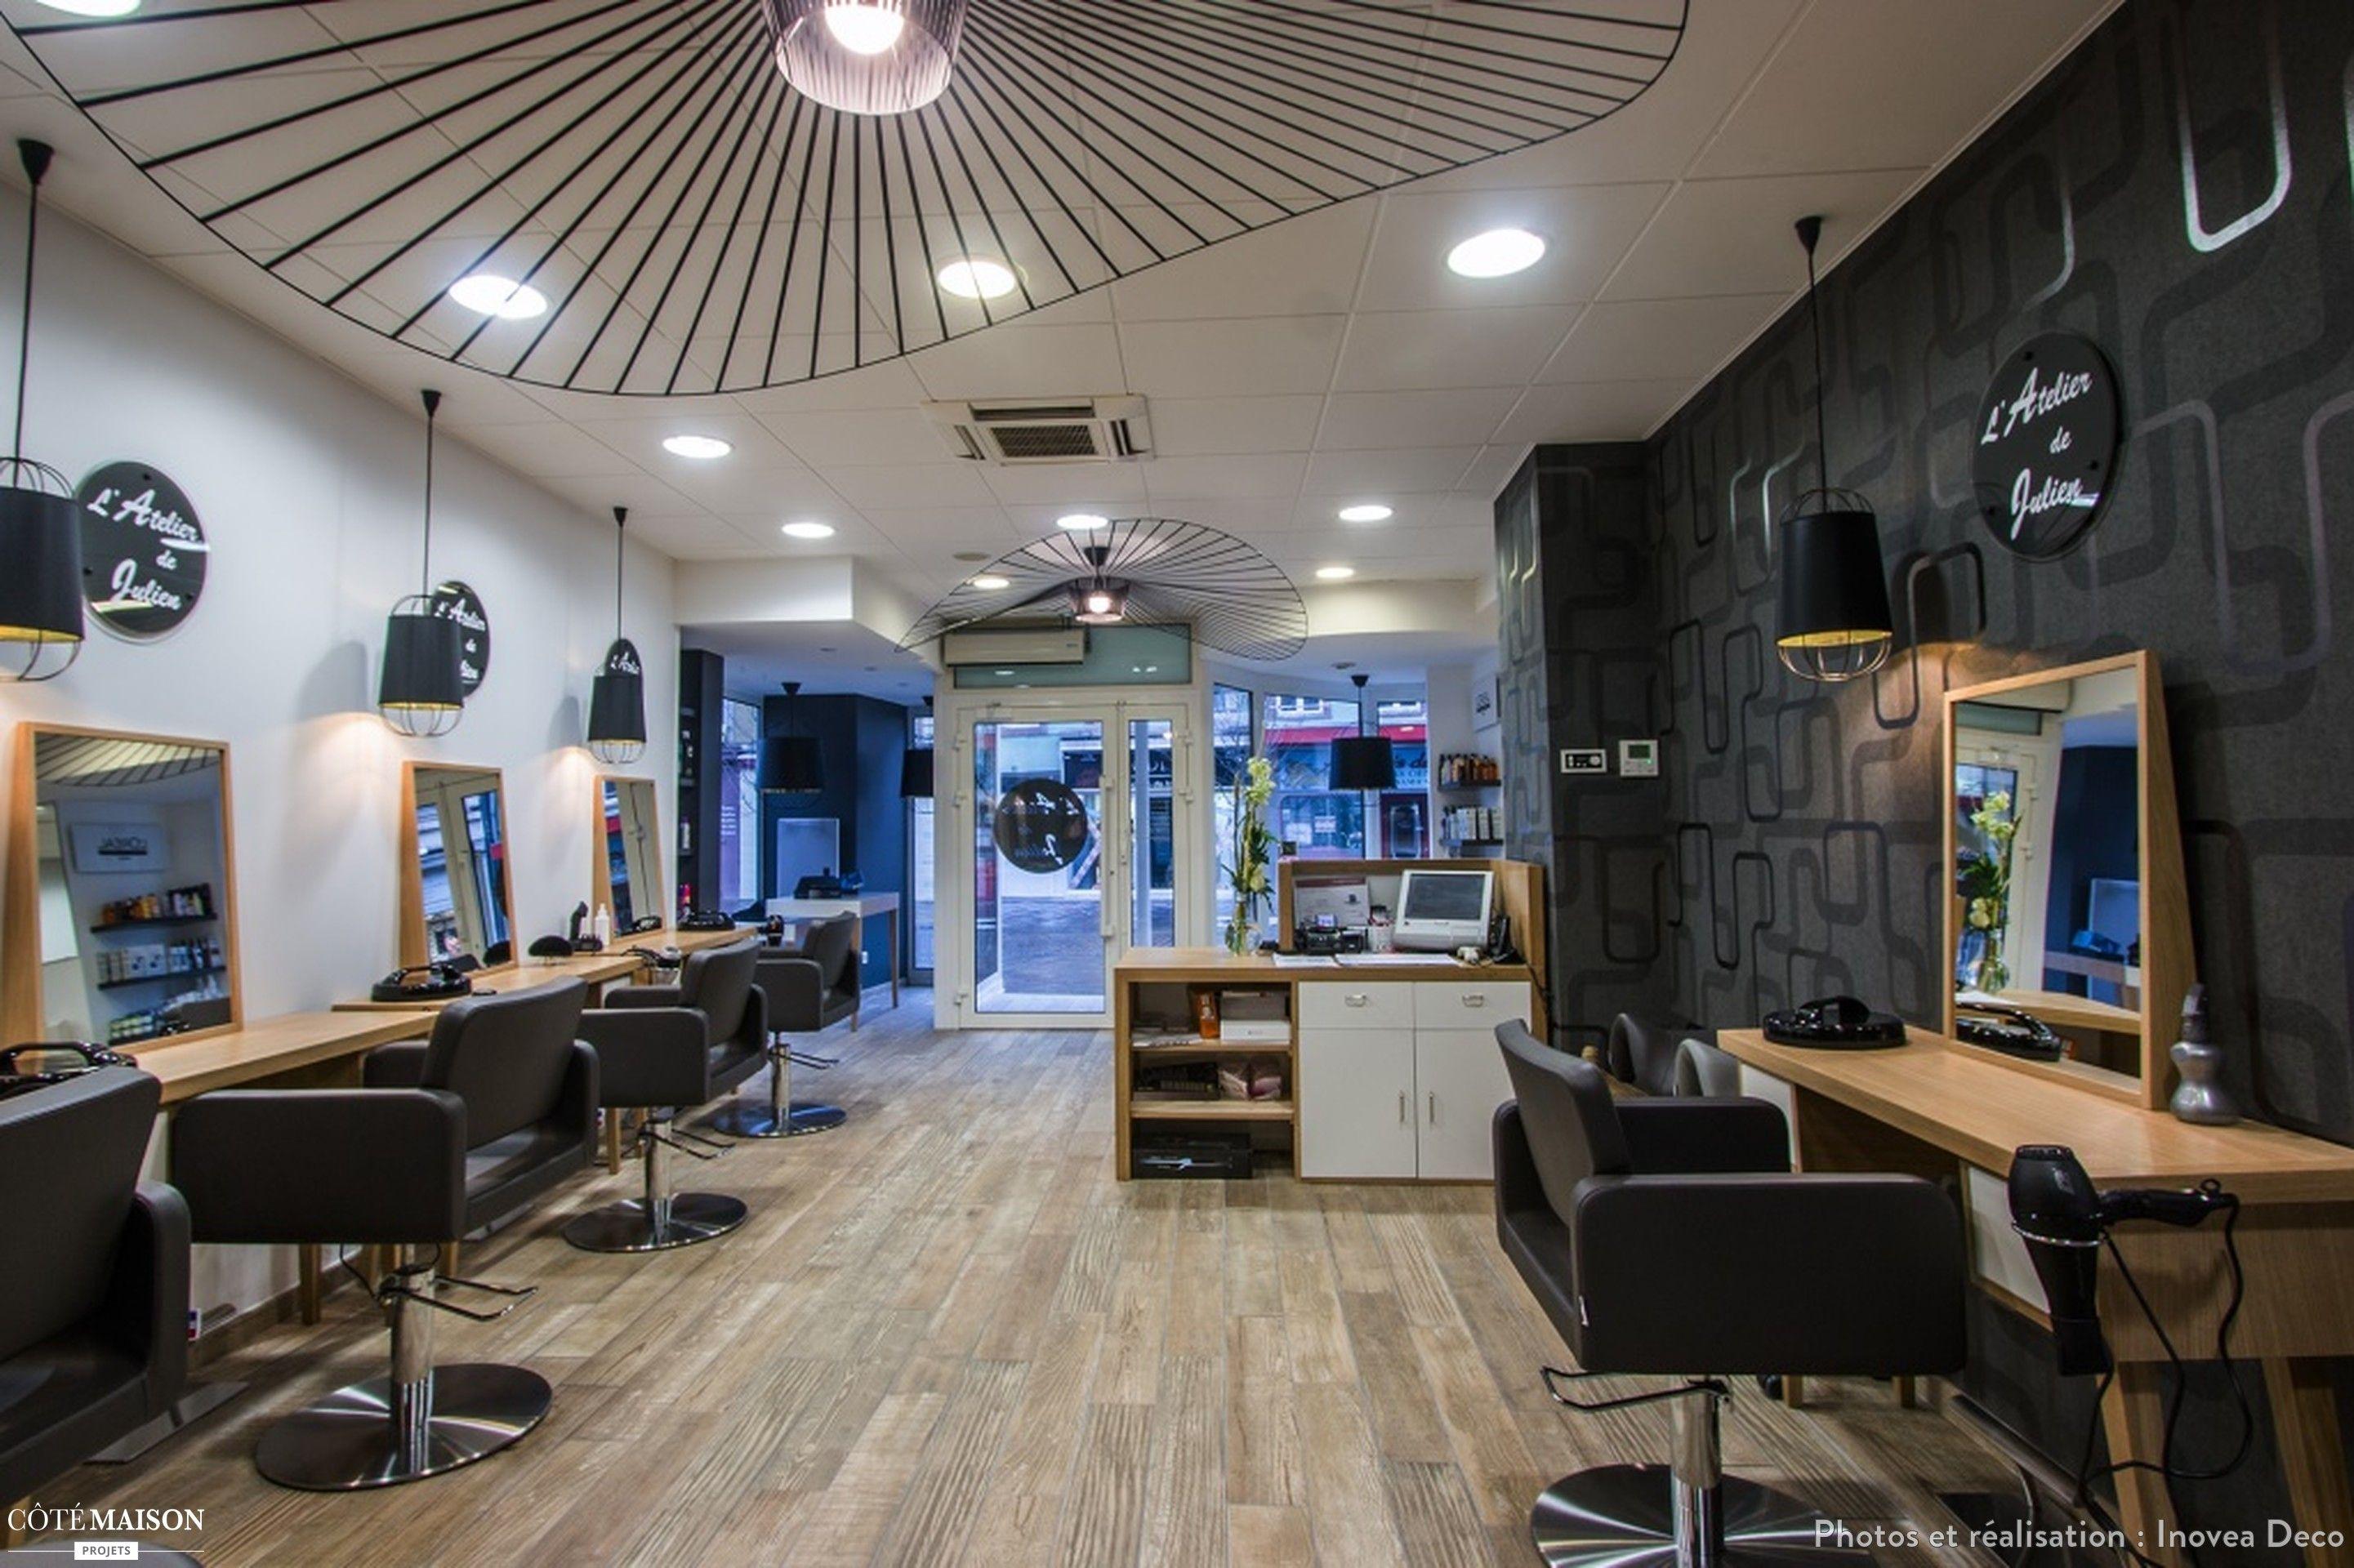 Salon De Coiffure L Atelier De Julien Inovea Deco Cote Maison